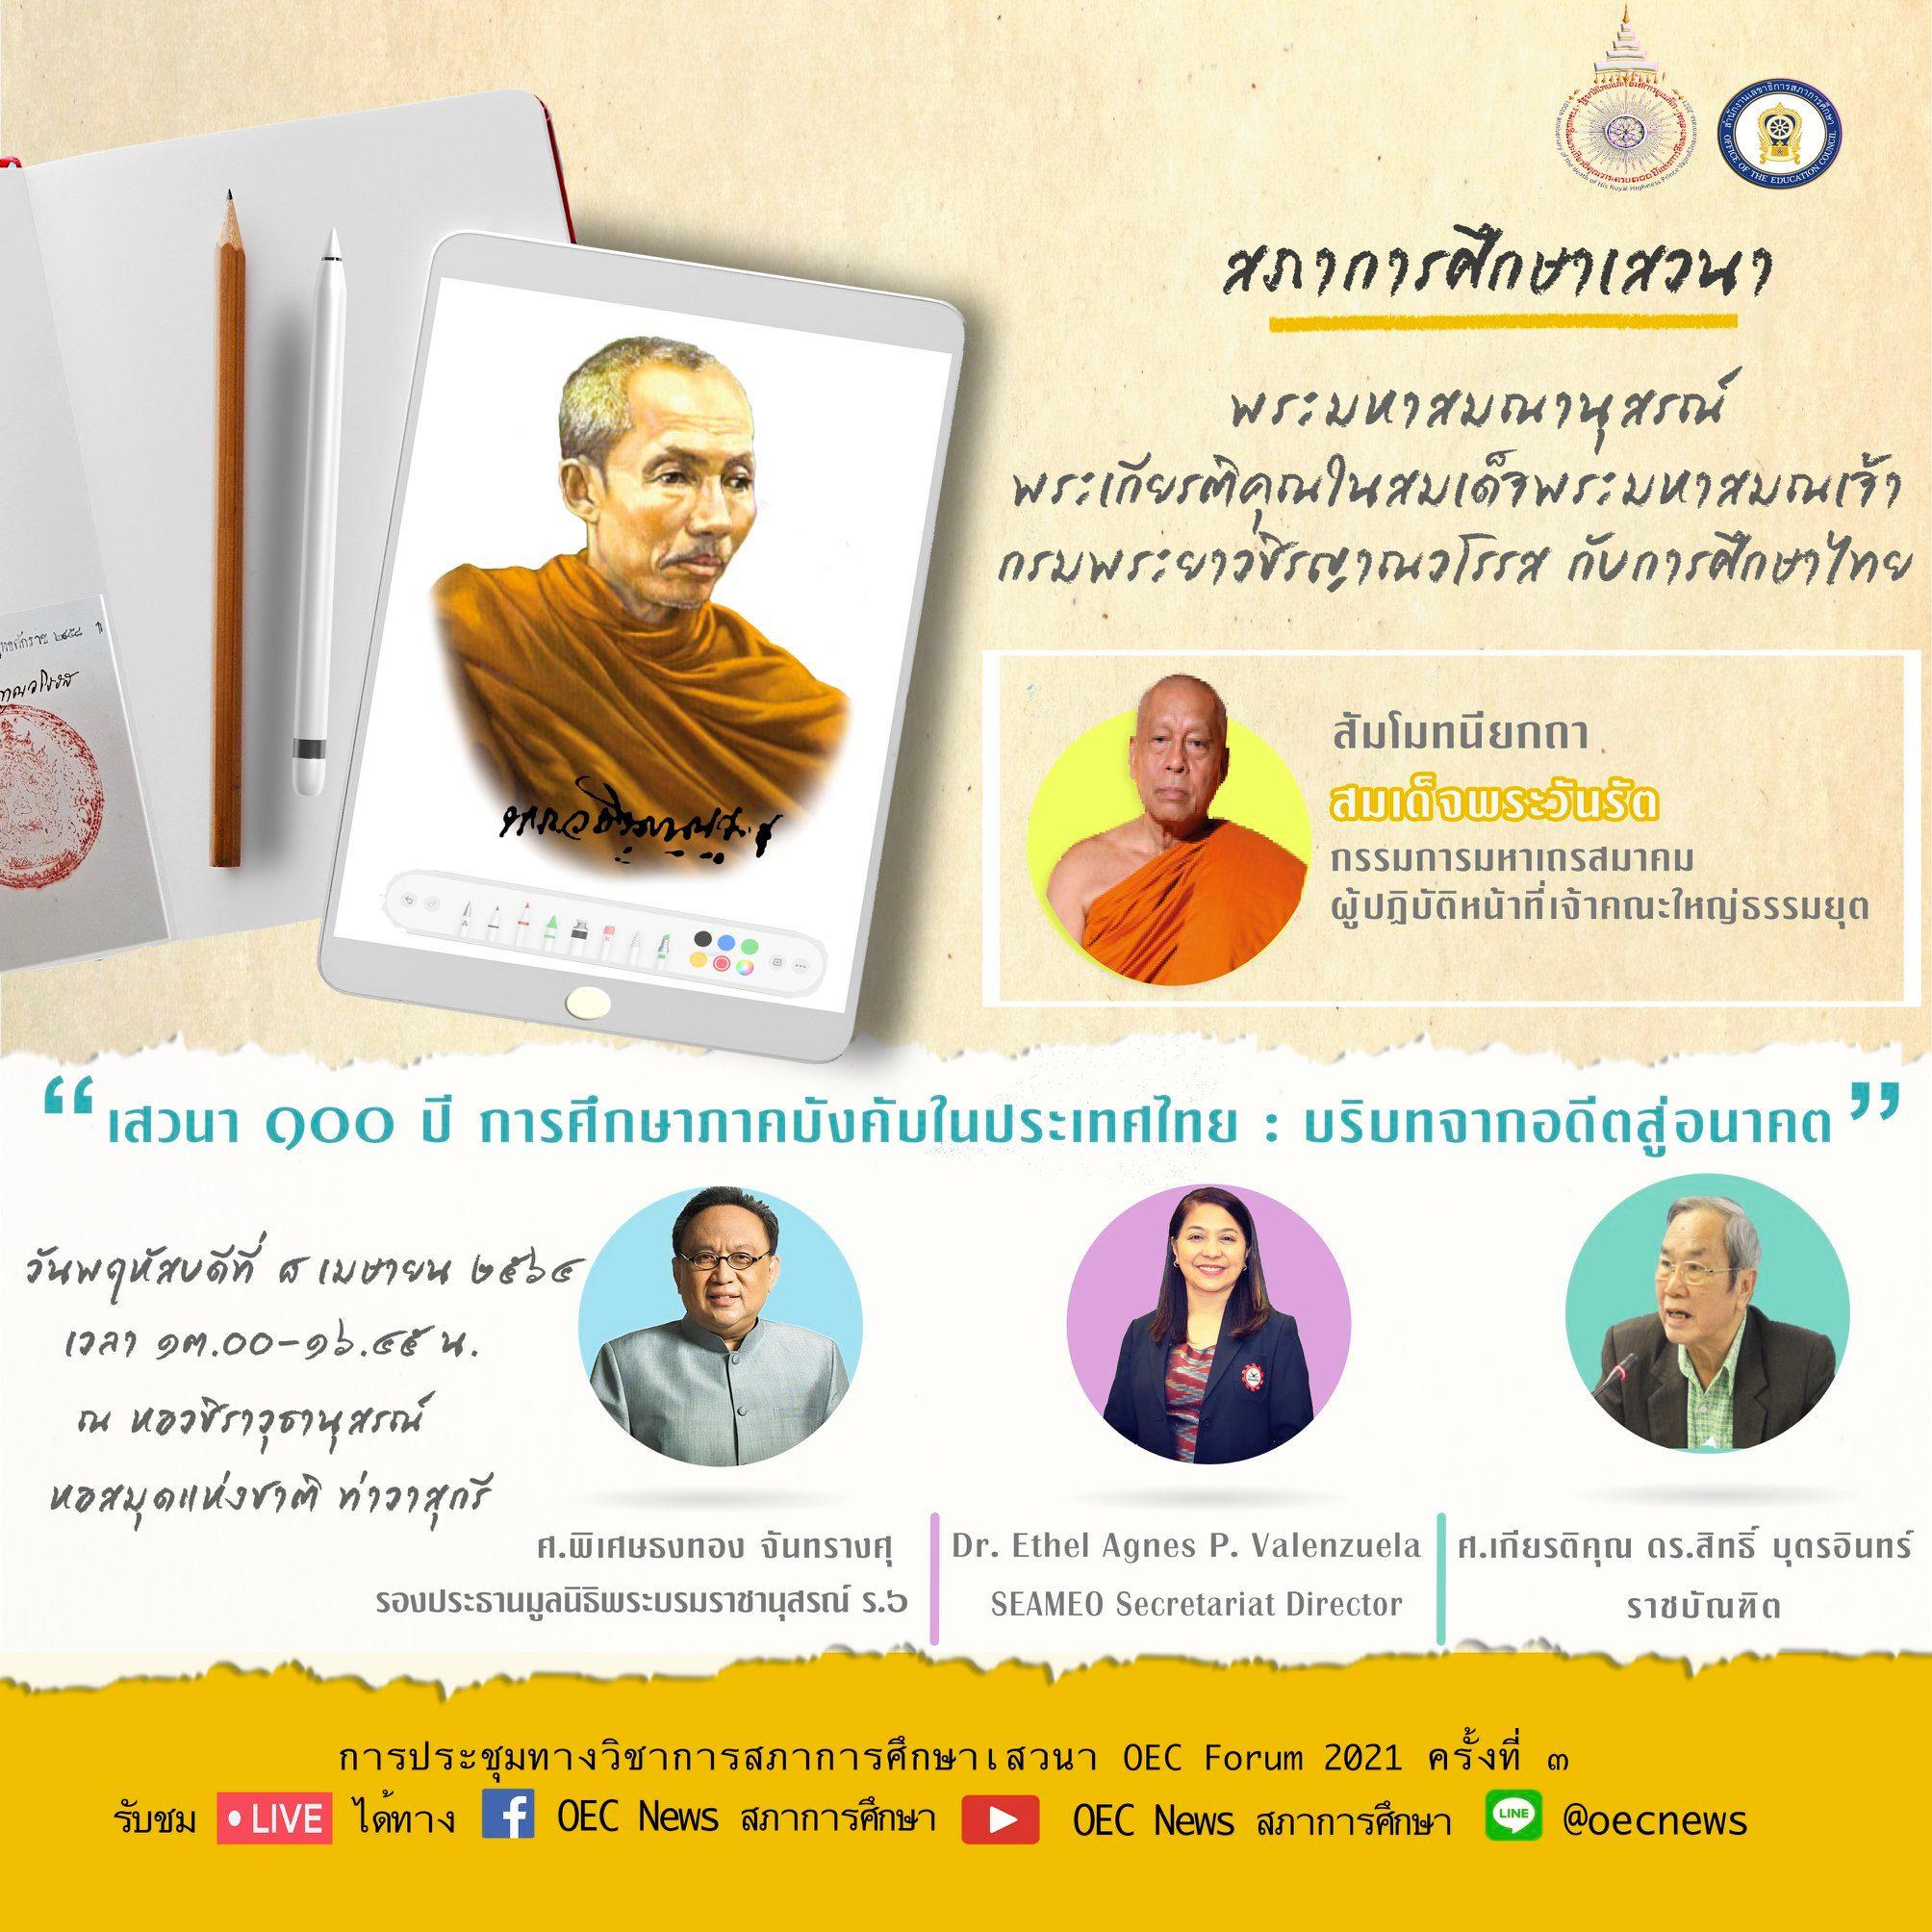 สภาการศึกษาจัดเสวนาออนไลน์ OEC FORUM 2021 ครั้งที่ 3 100 ปี การศึกษาภาคบังคับในประเทศไทย : บริบทจากอดีตสู่อนาคต รับเกียรติบัตรฟรี!!